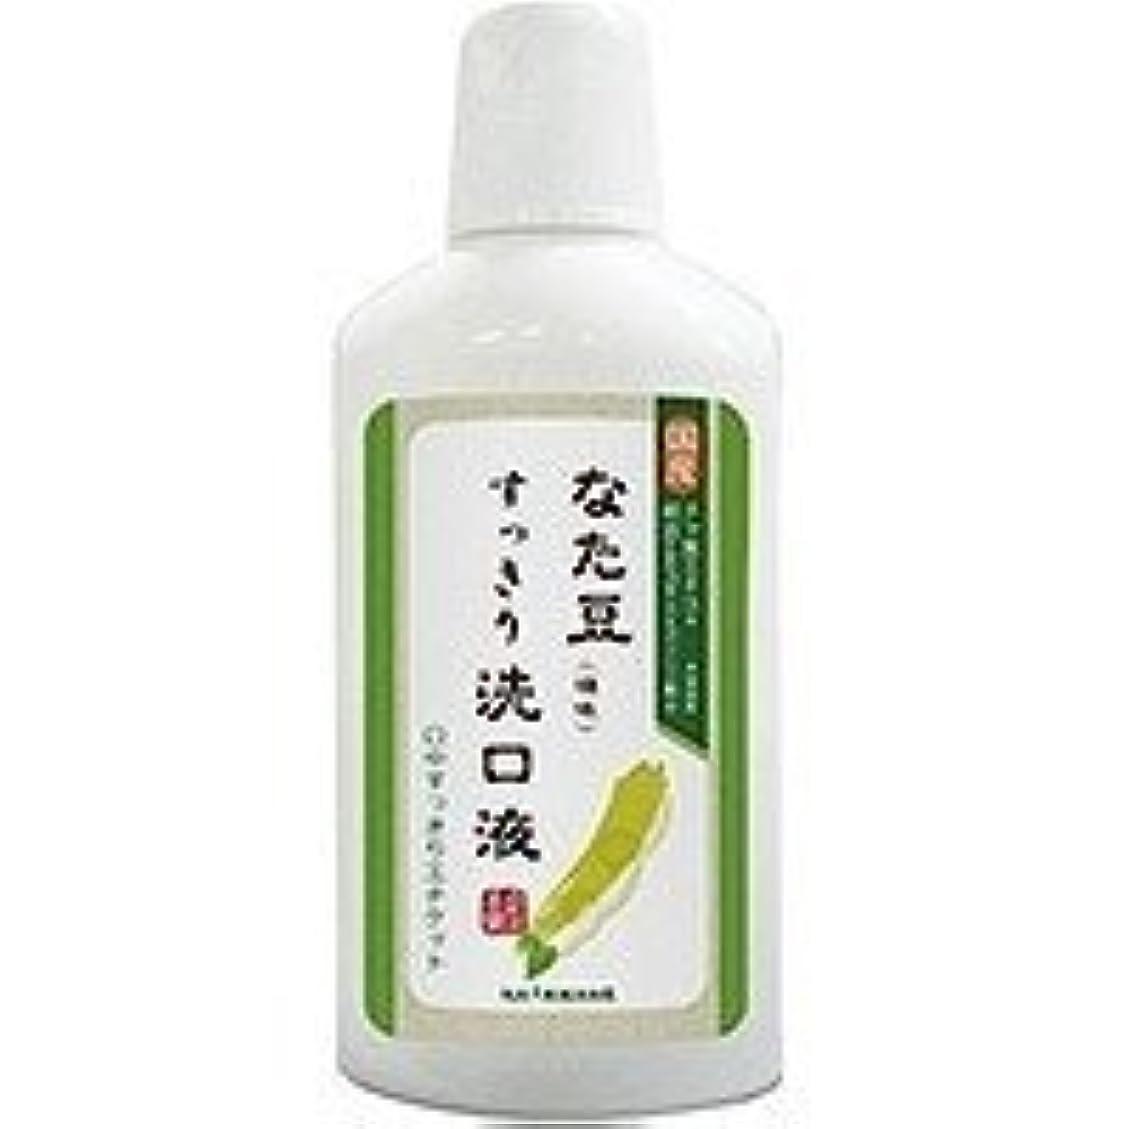 サミットシーズンジレンマ株式会社三和通商 なた豆 すっきり 洗口液(500ml)